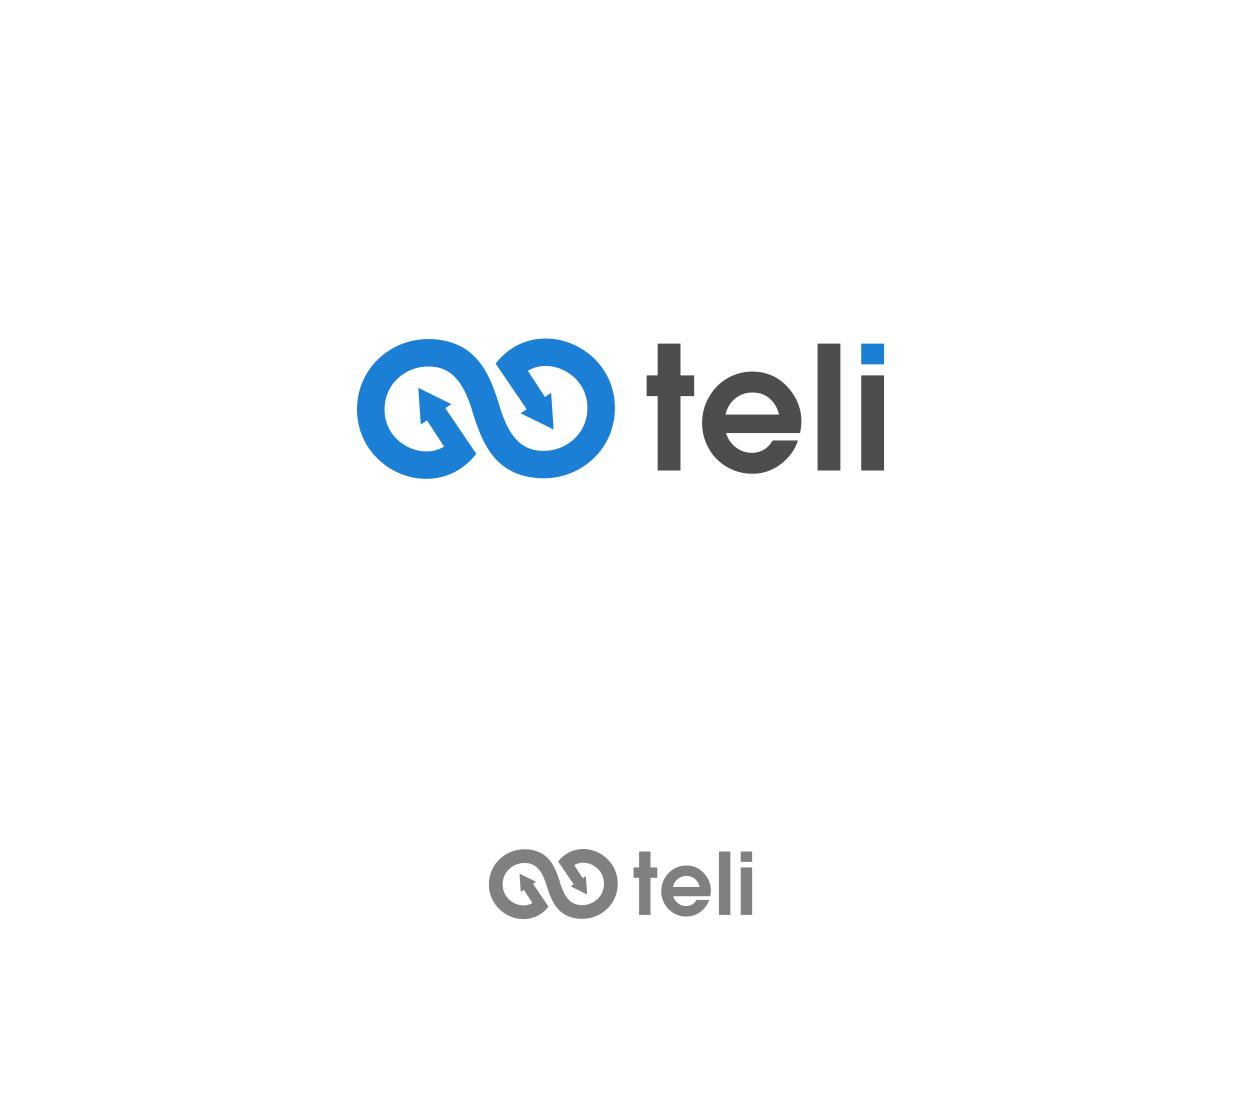 Разработка логотипа и фирменного стиля фото f_25658fc65595d6e9.png